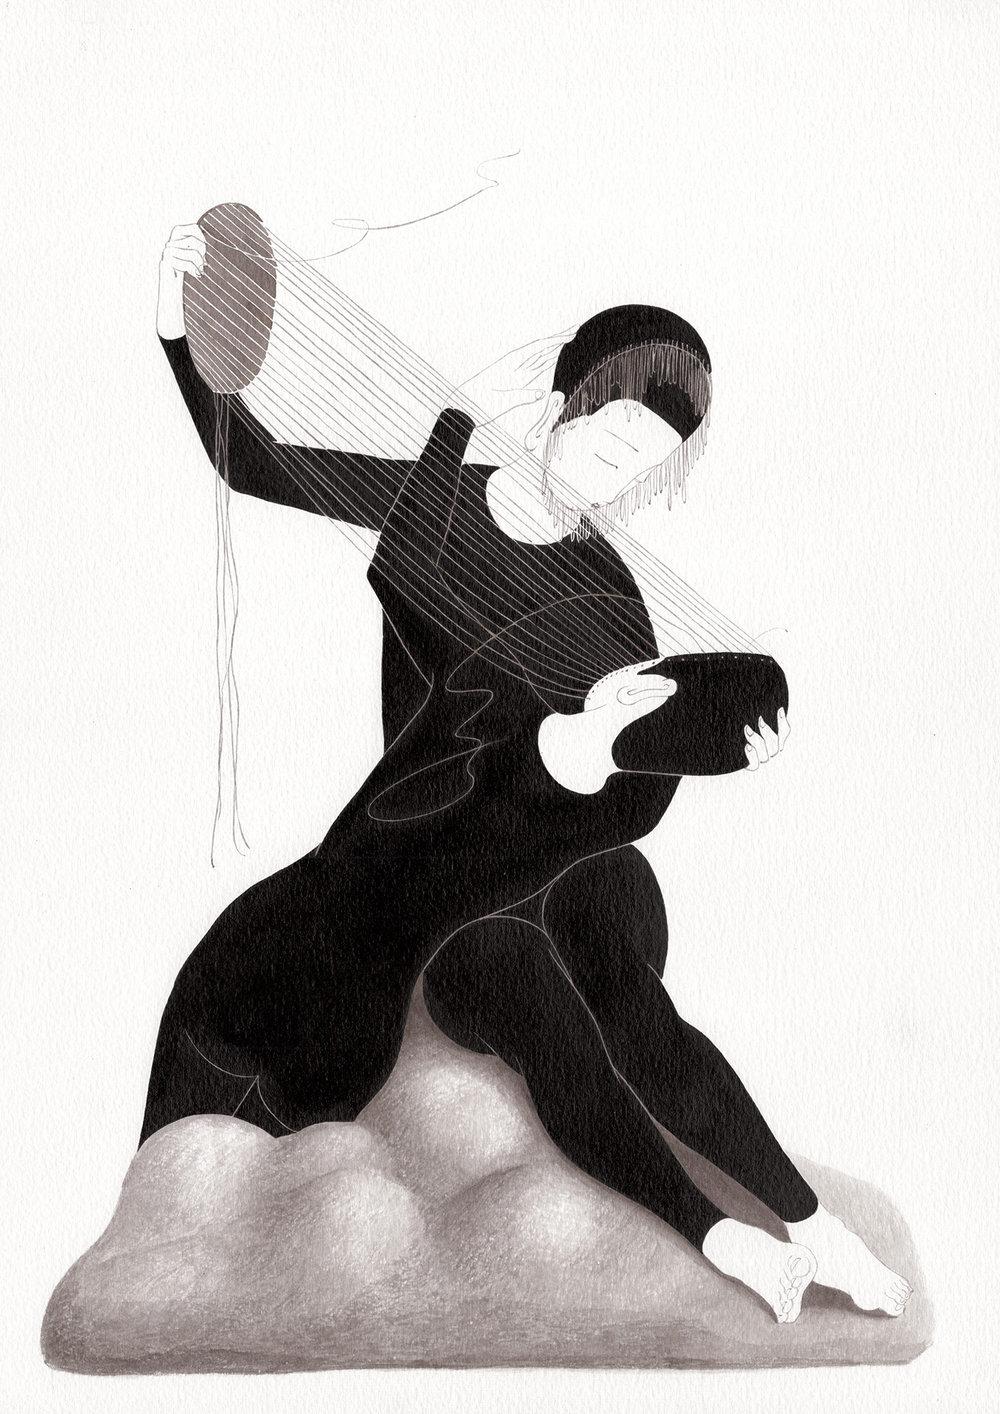 이해한다는 것은 / Look through you Op.0194P -29.7 x 42 cm,종이에 잉크 / Ink on paper, 2017 inspired by the sculpture, 'Le Poète la Siréne' by Emmanuel Hannaux